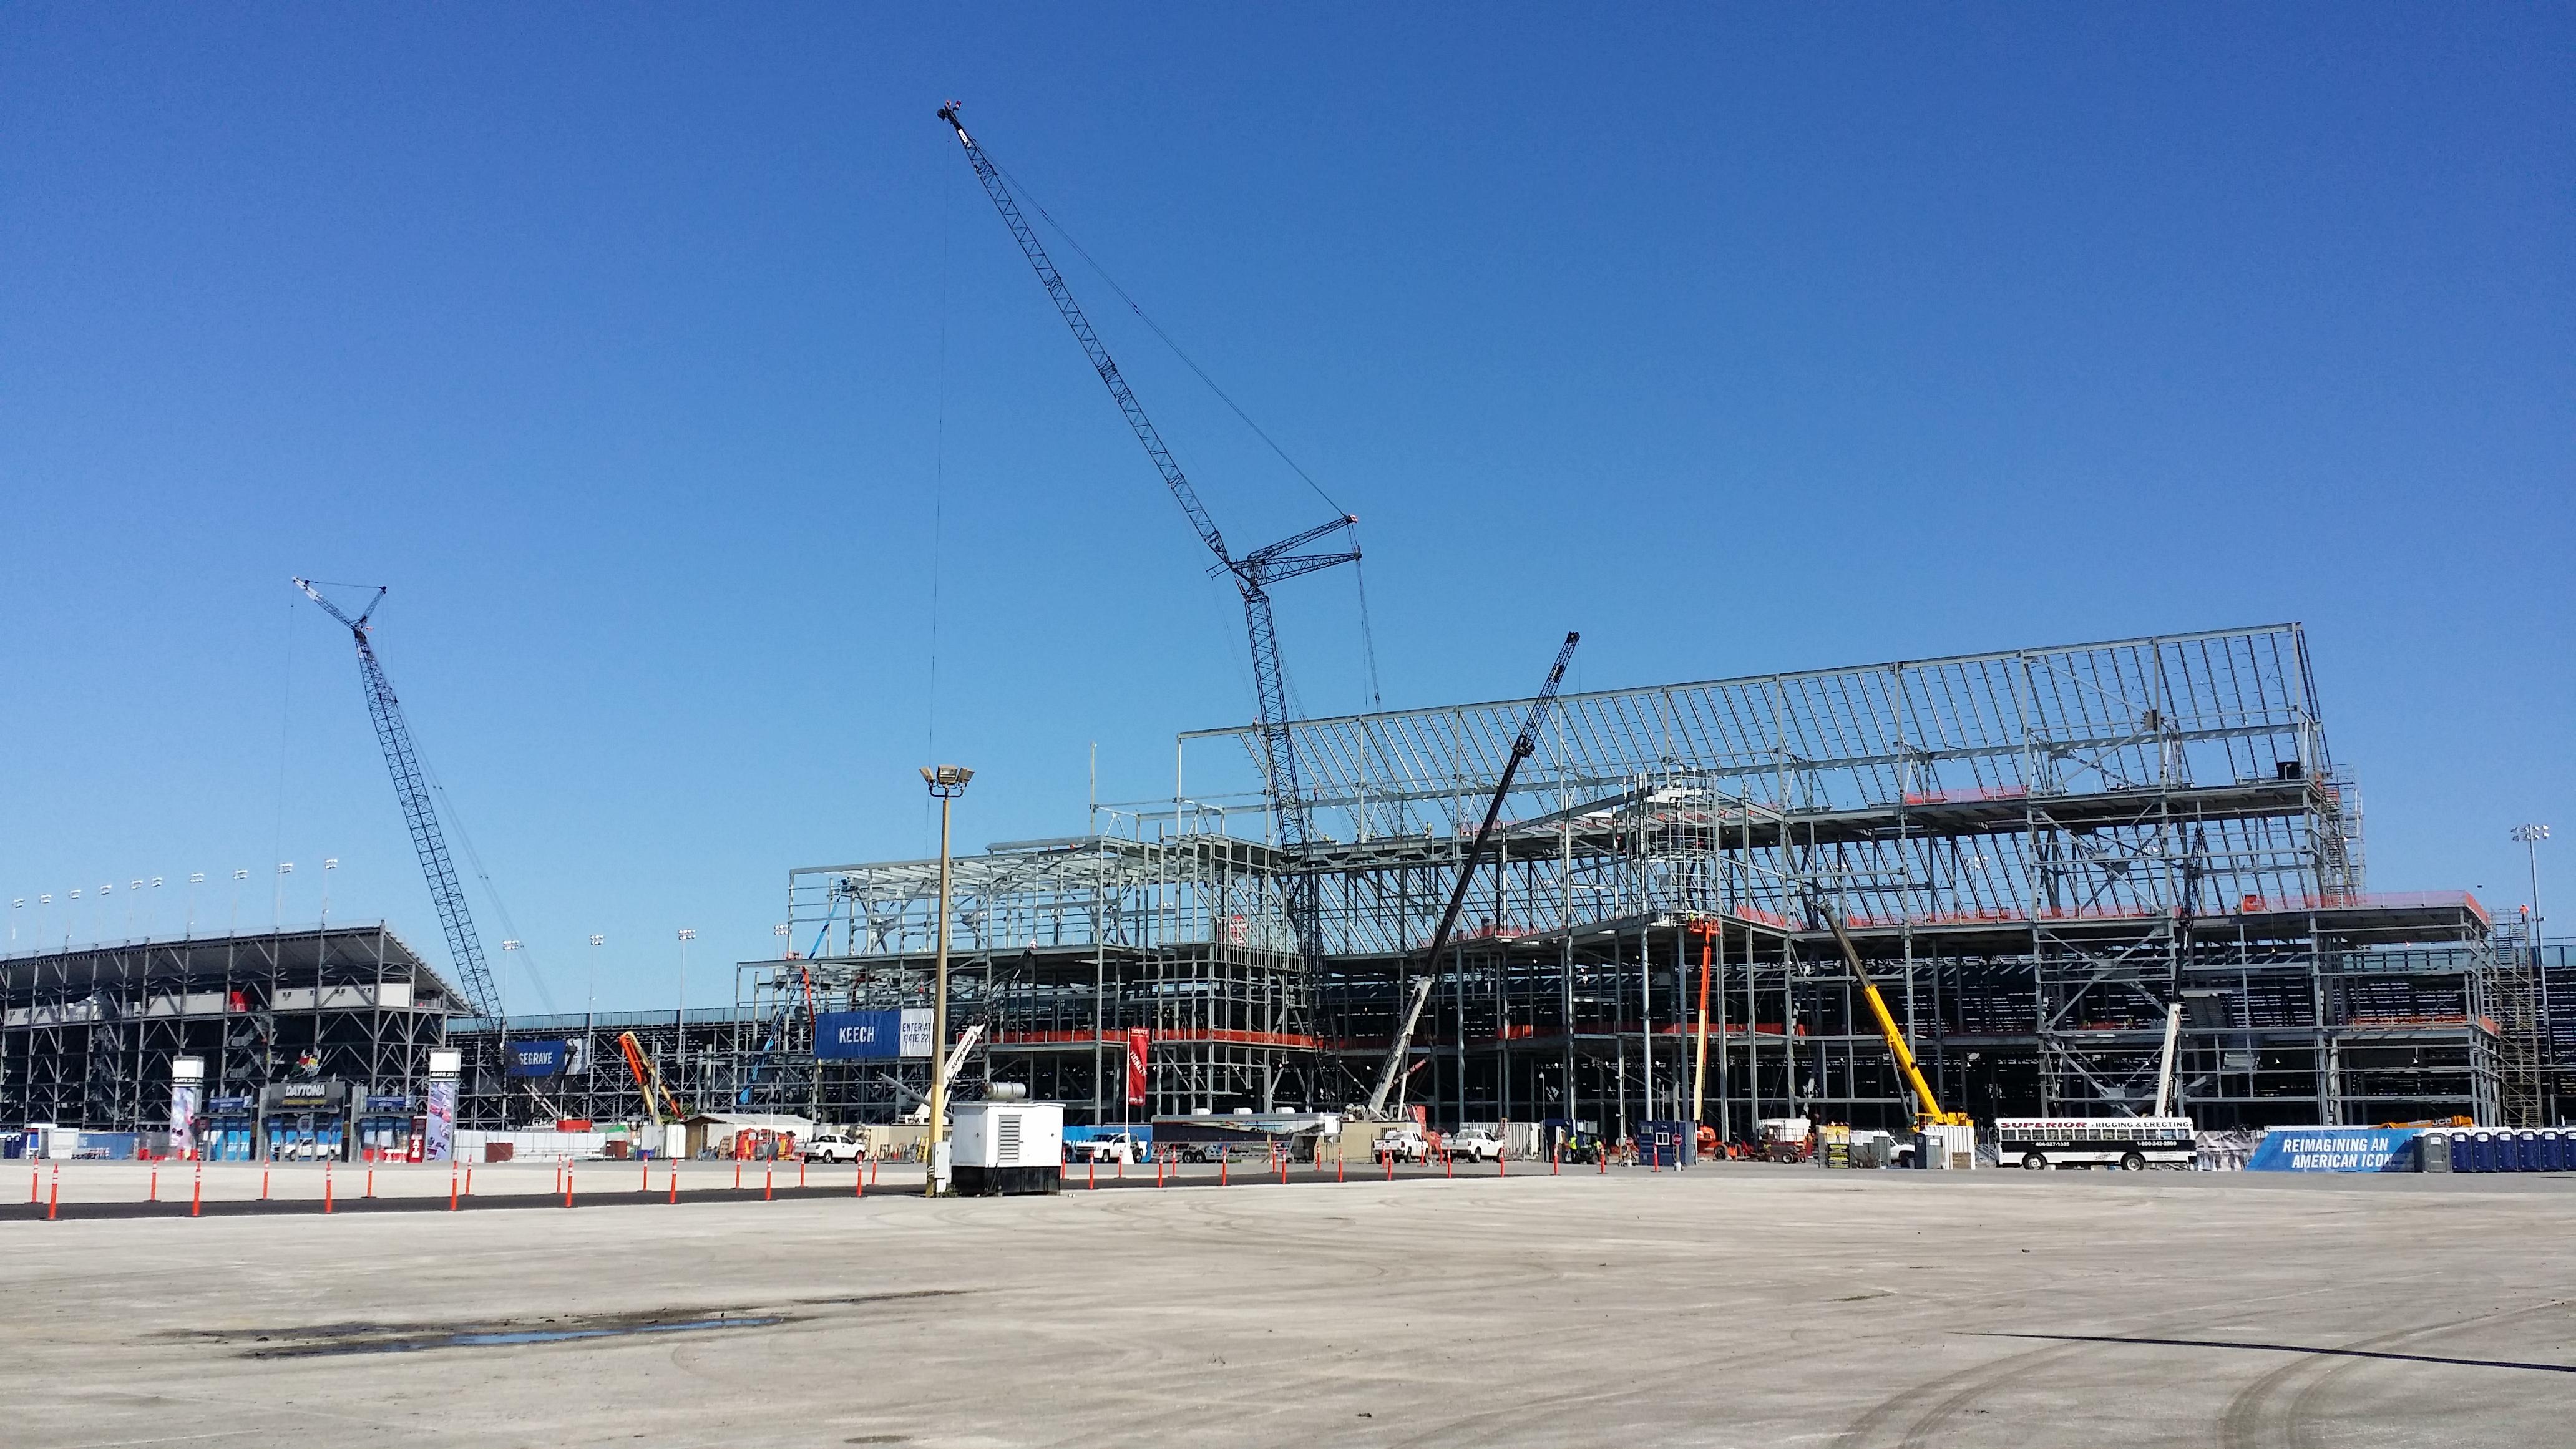 Renovation of Daytona International Speedway on 10 February 2014